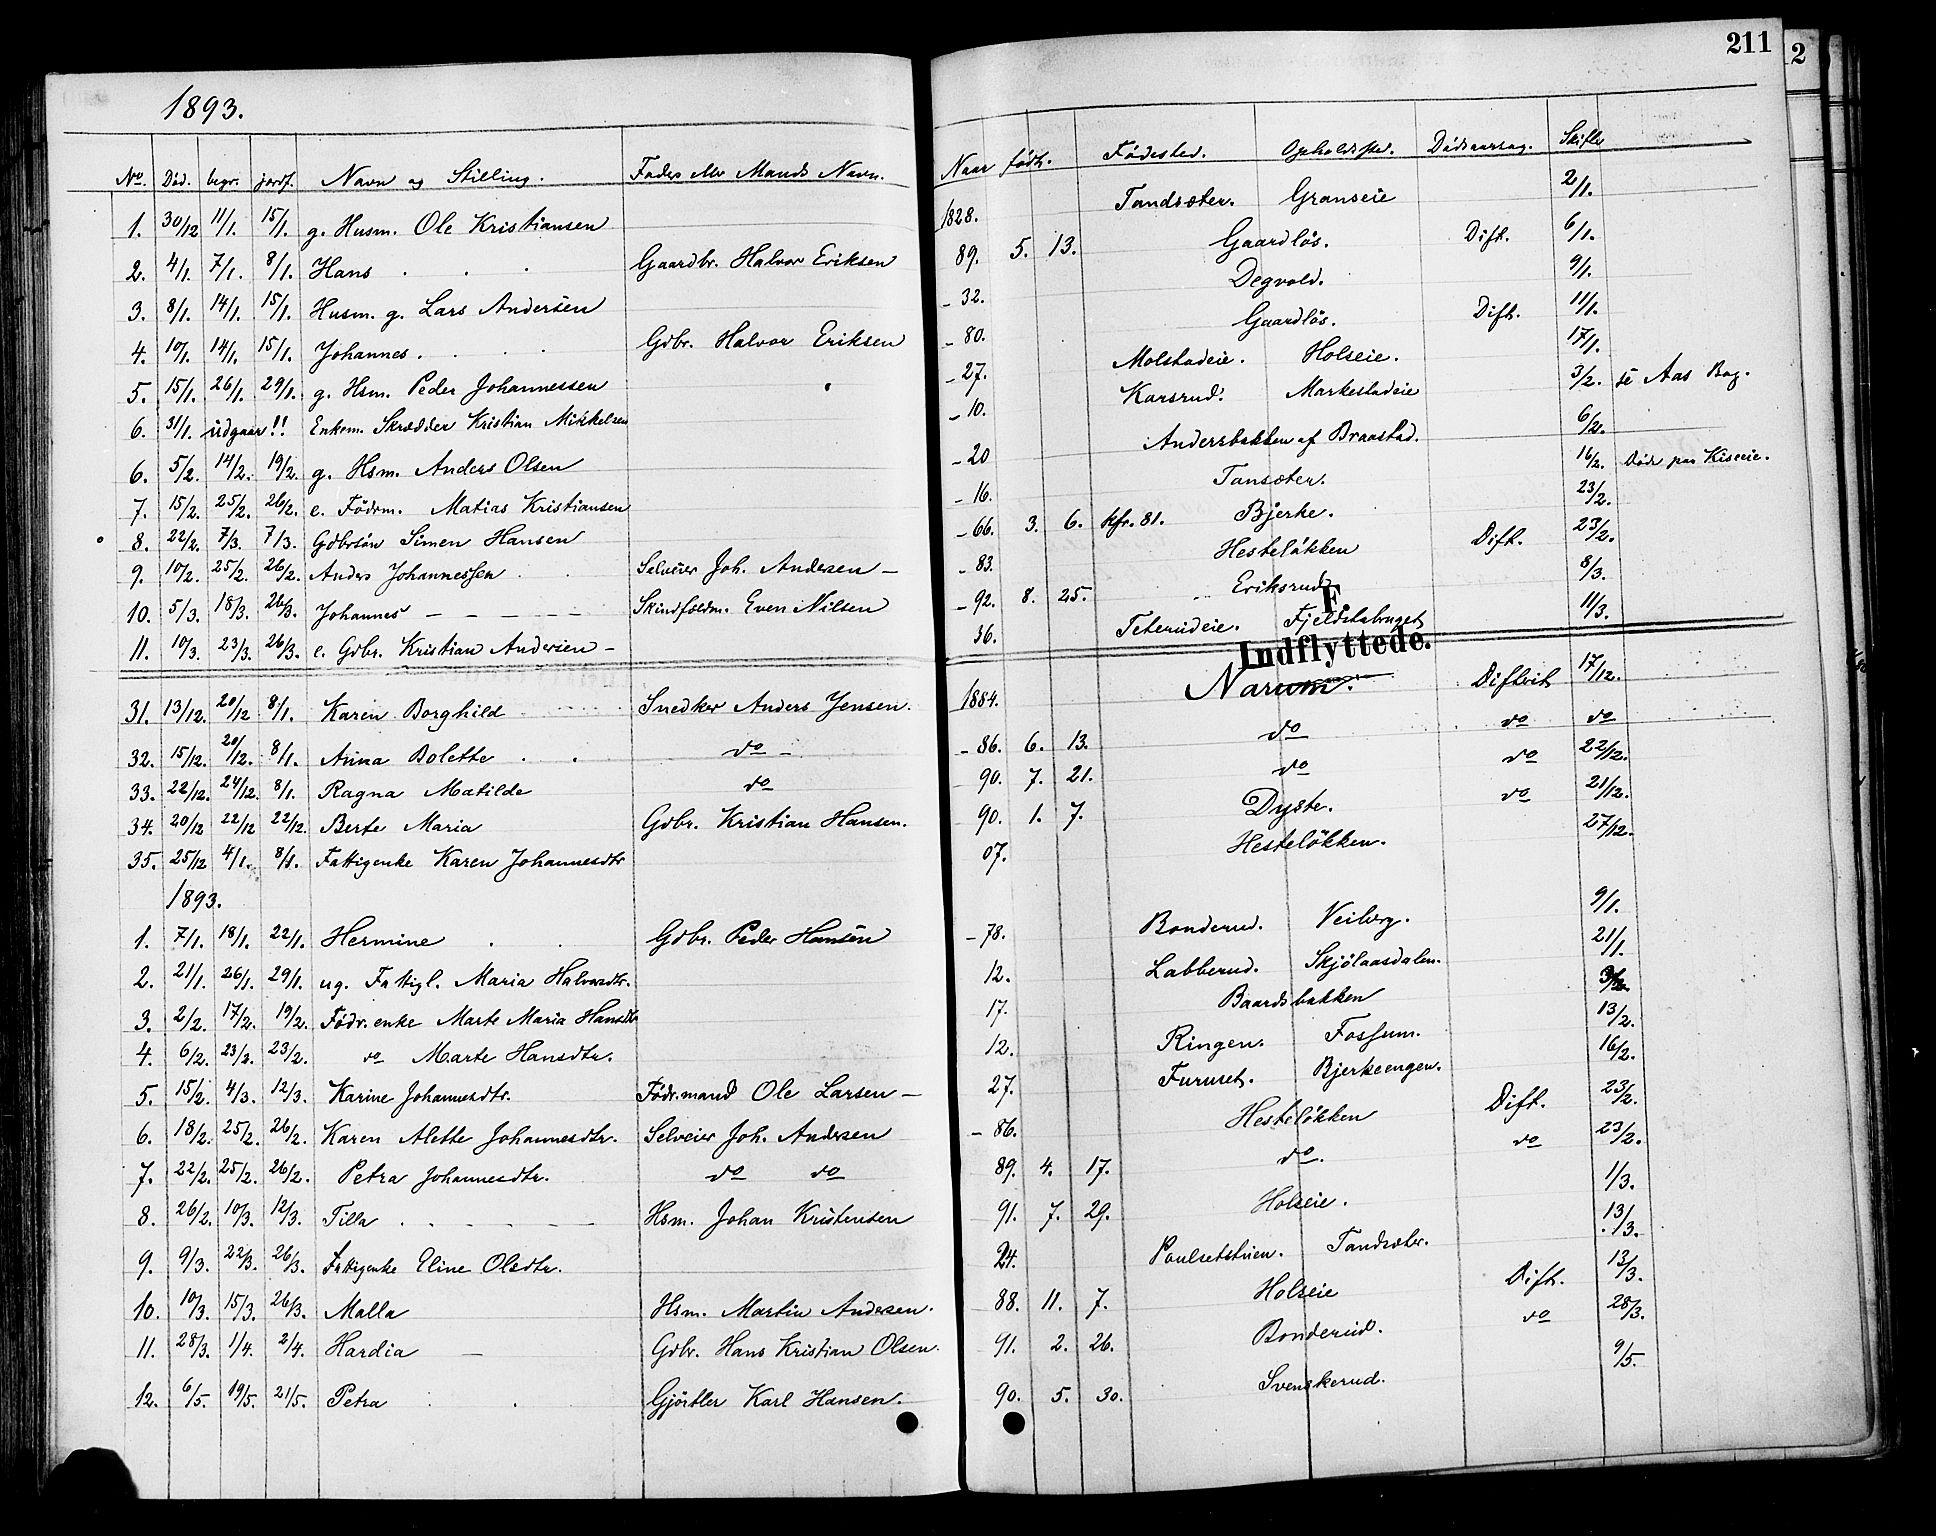 SAH, Vestre Toten prestekontor, Ministerialbok nr. 10, 1878-1894, s. 211